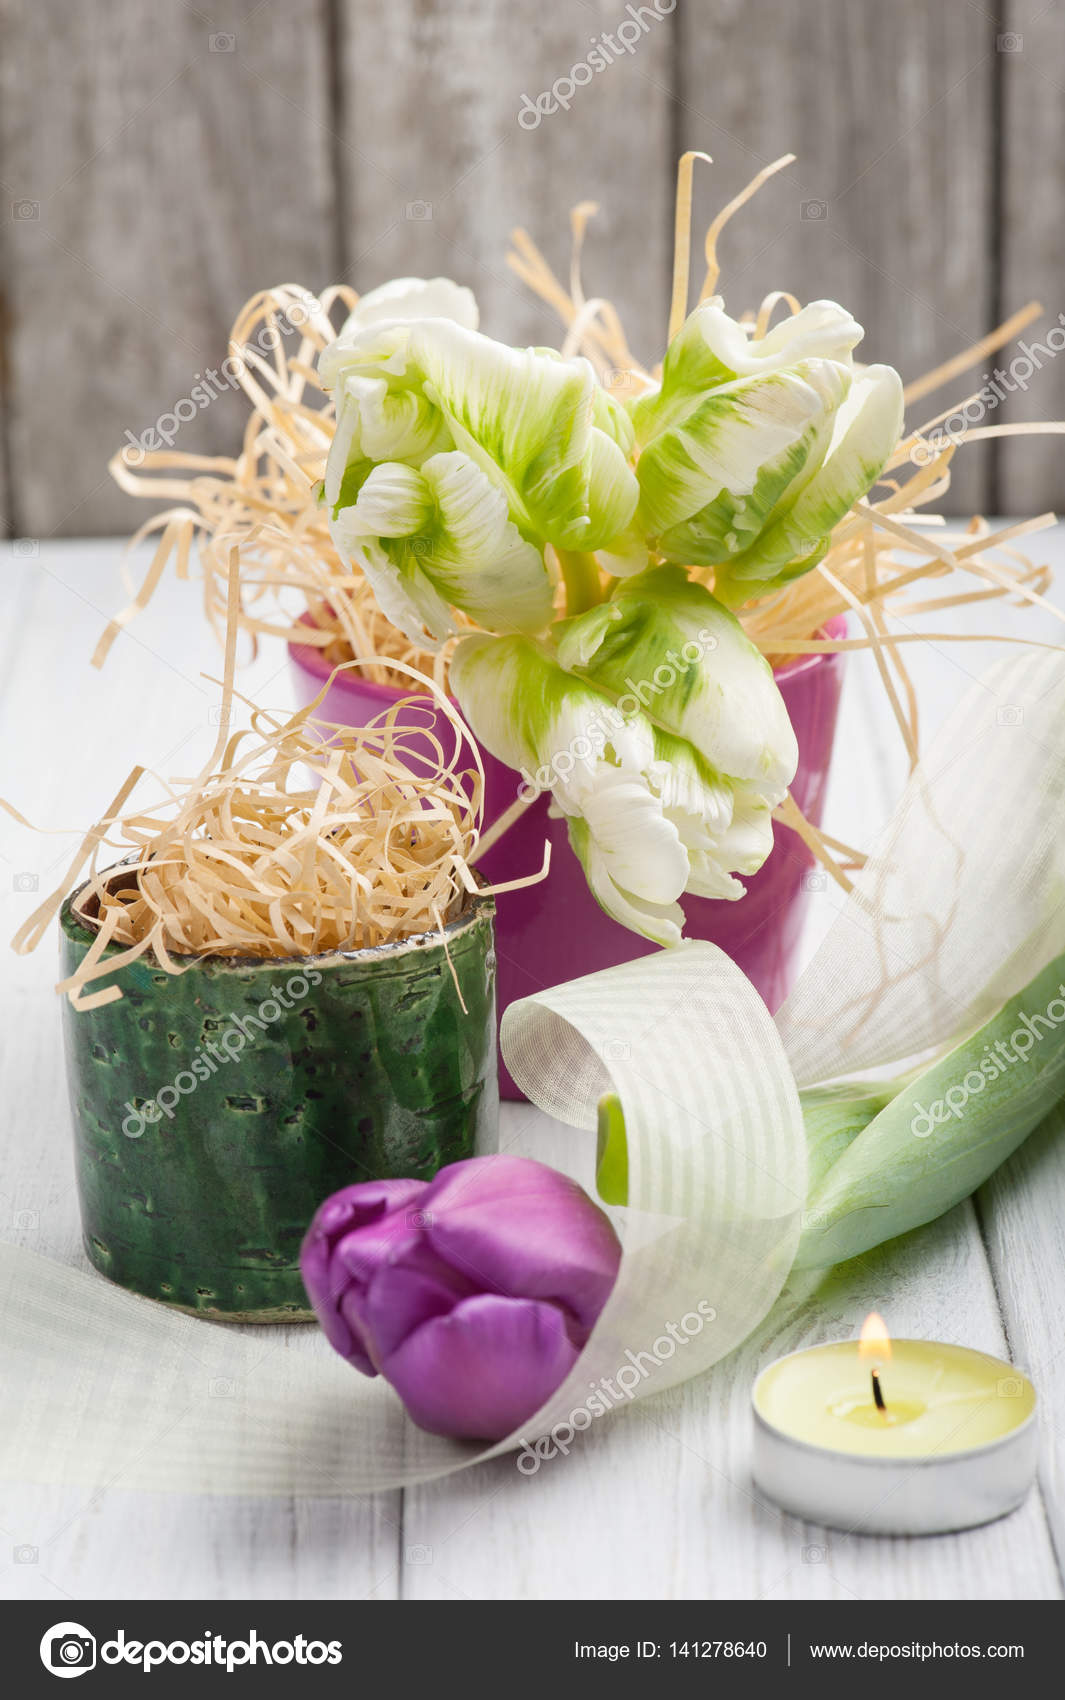 Fruhling Tischdekoration Mit Tulpen Und Brennende Kerze Stockfoto